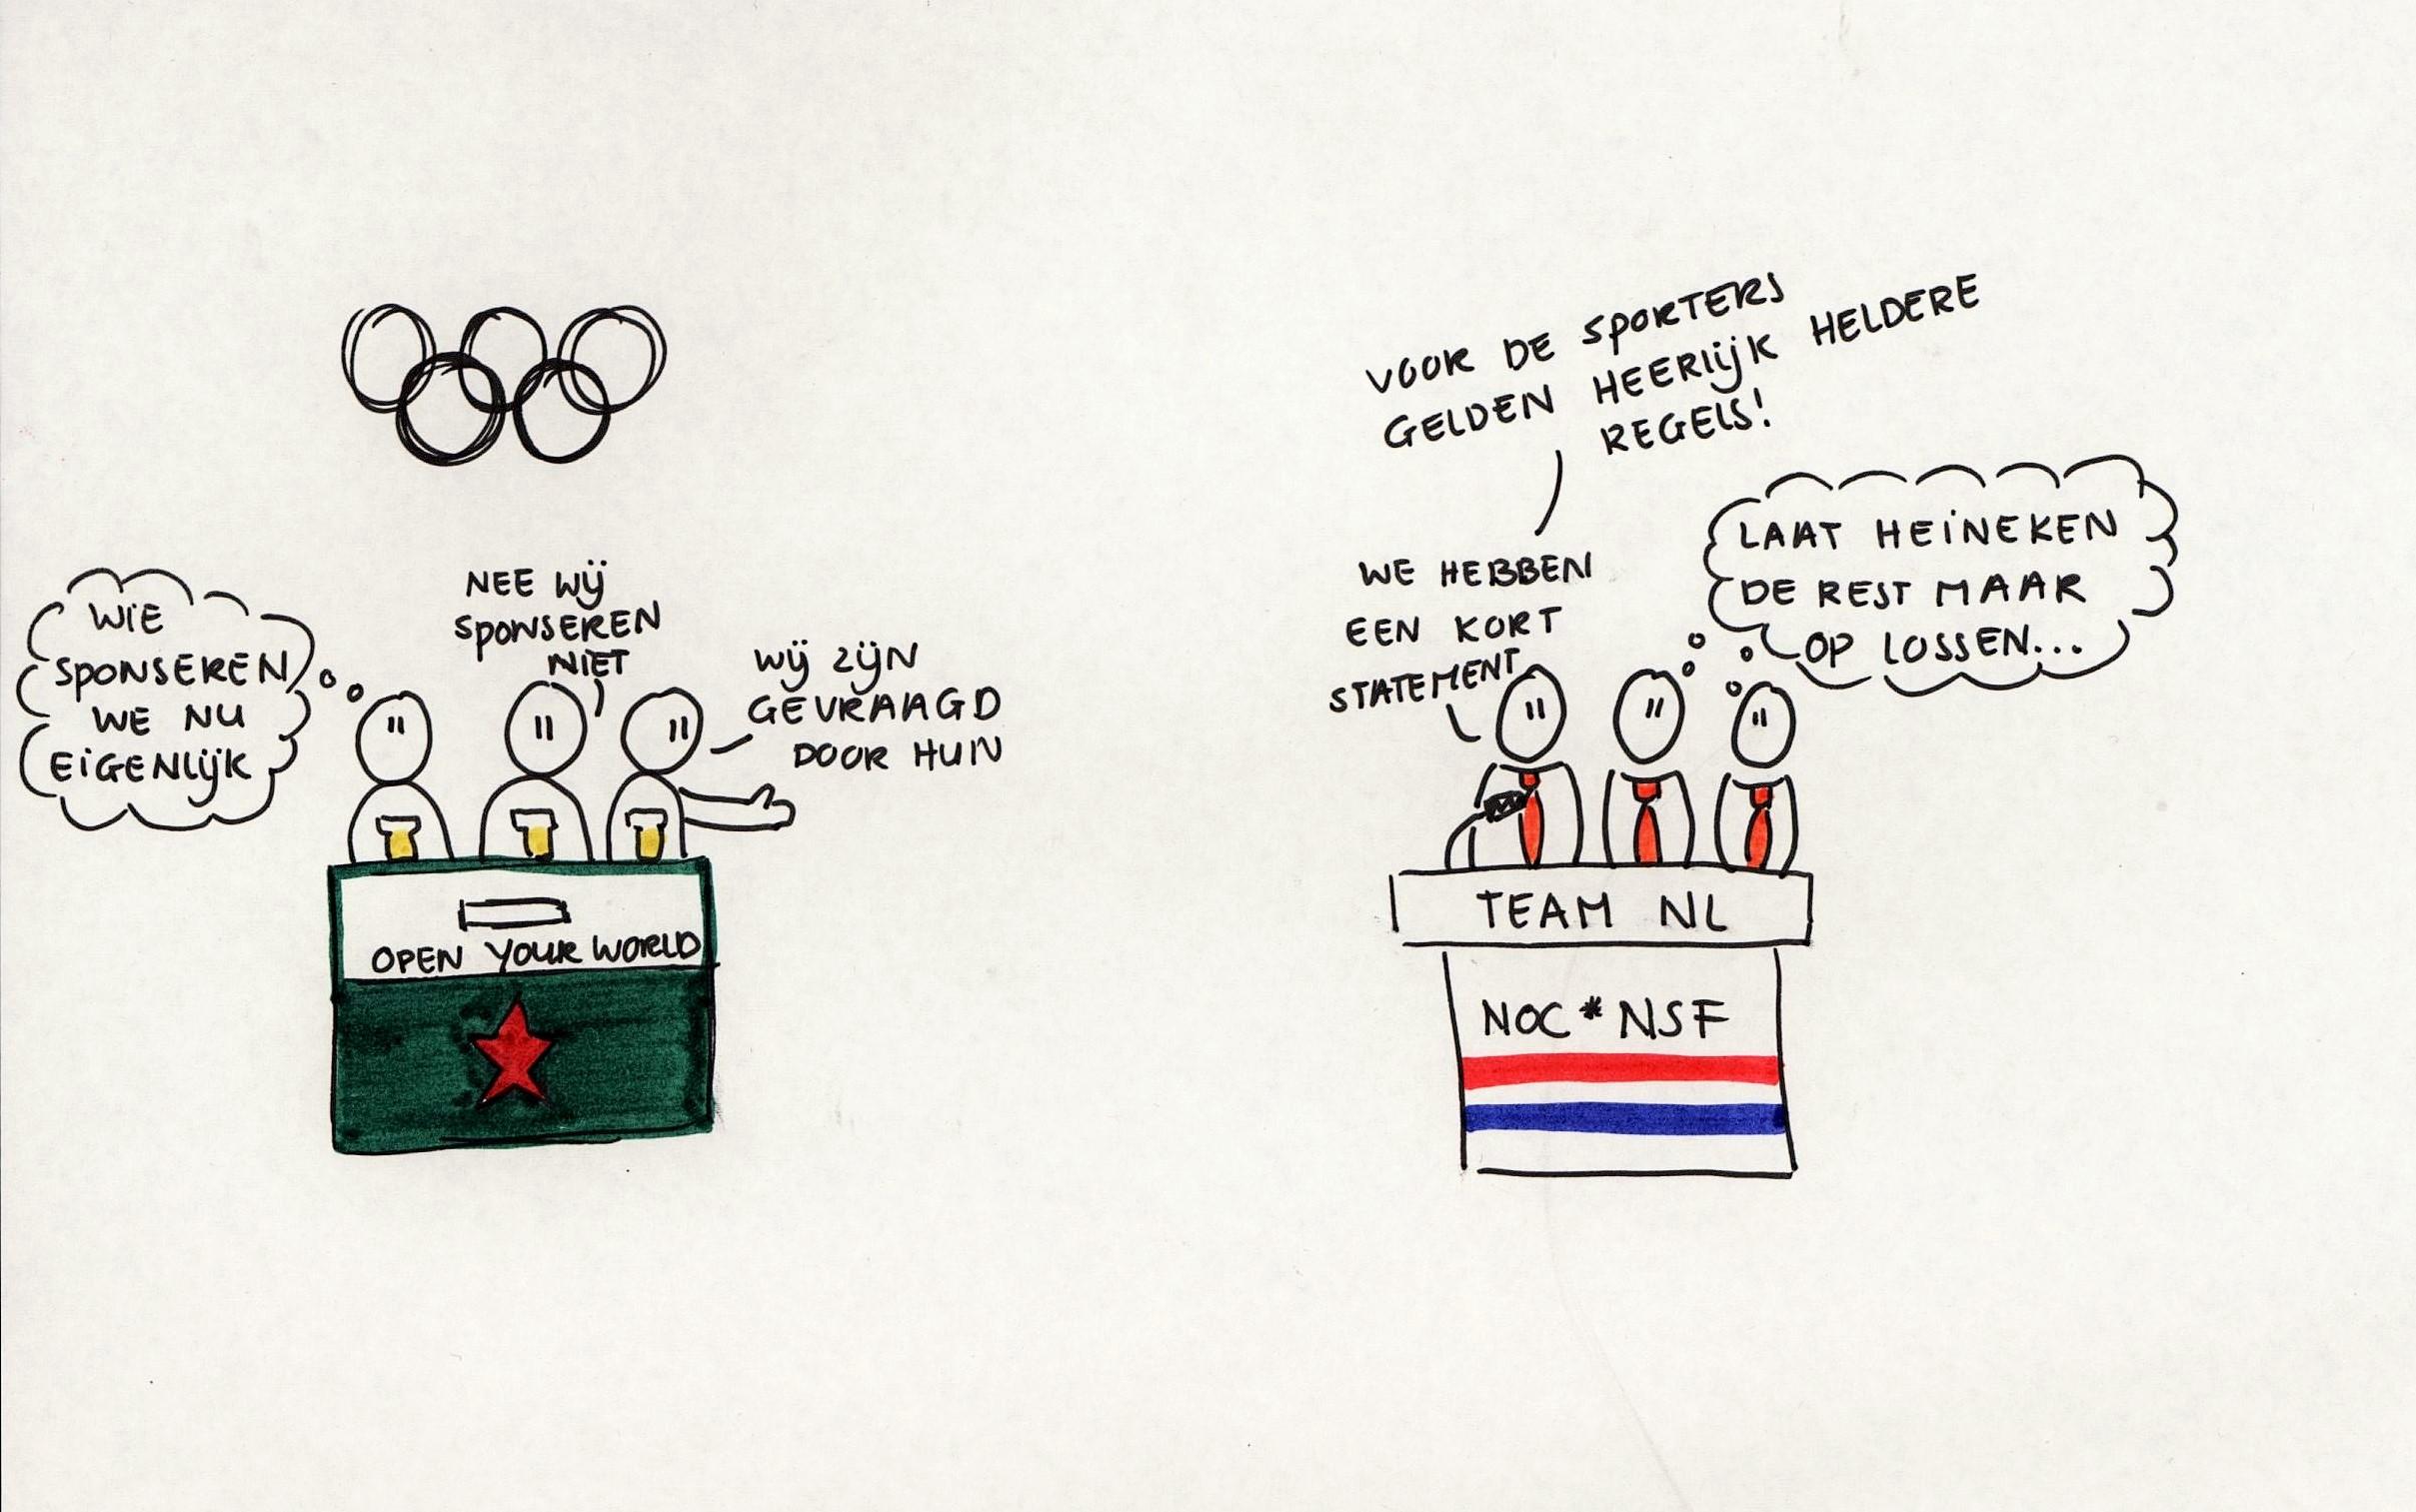 olympische spelen 3 (2)